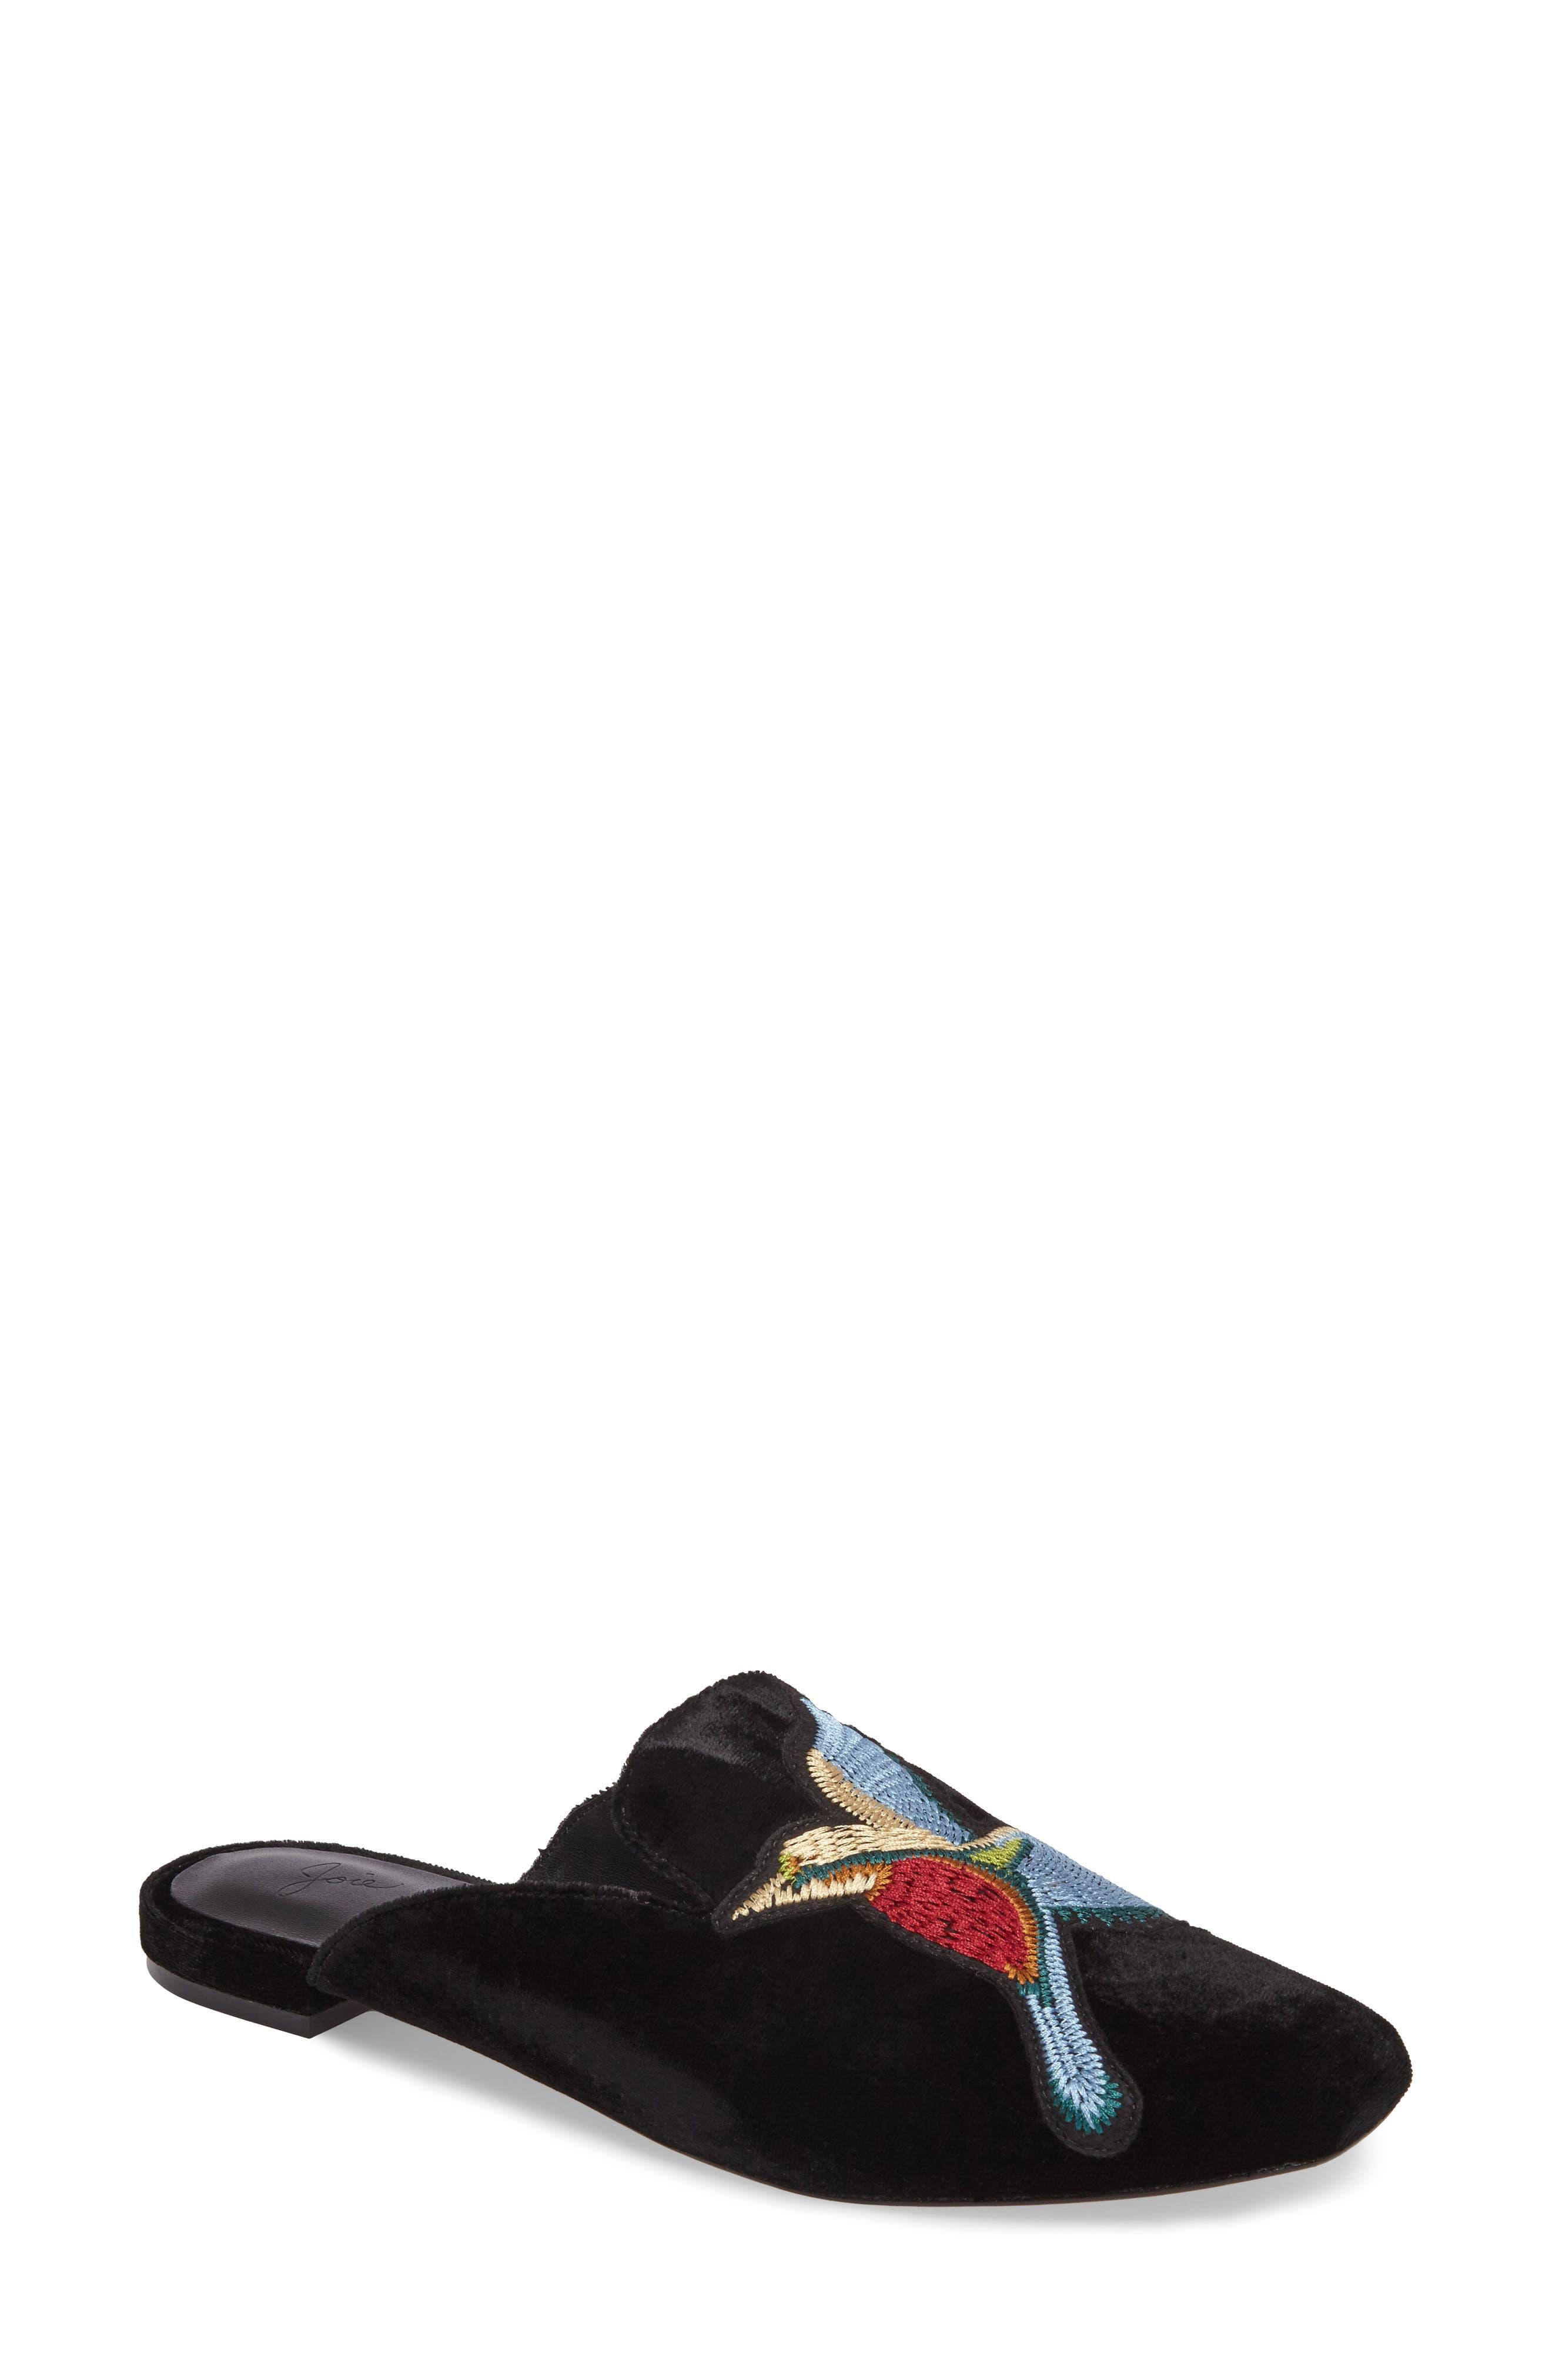 Jean Embellished Mule,                         Main,                         color, Black Embroidered